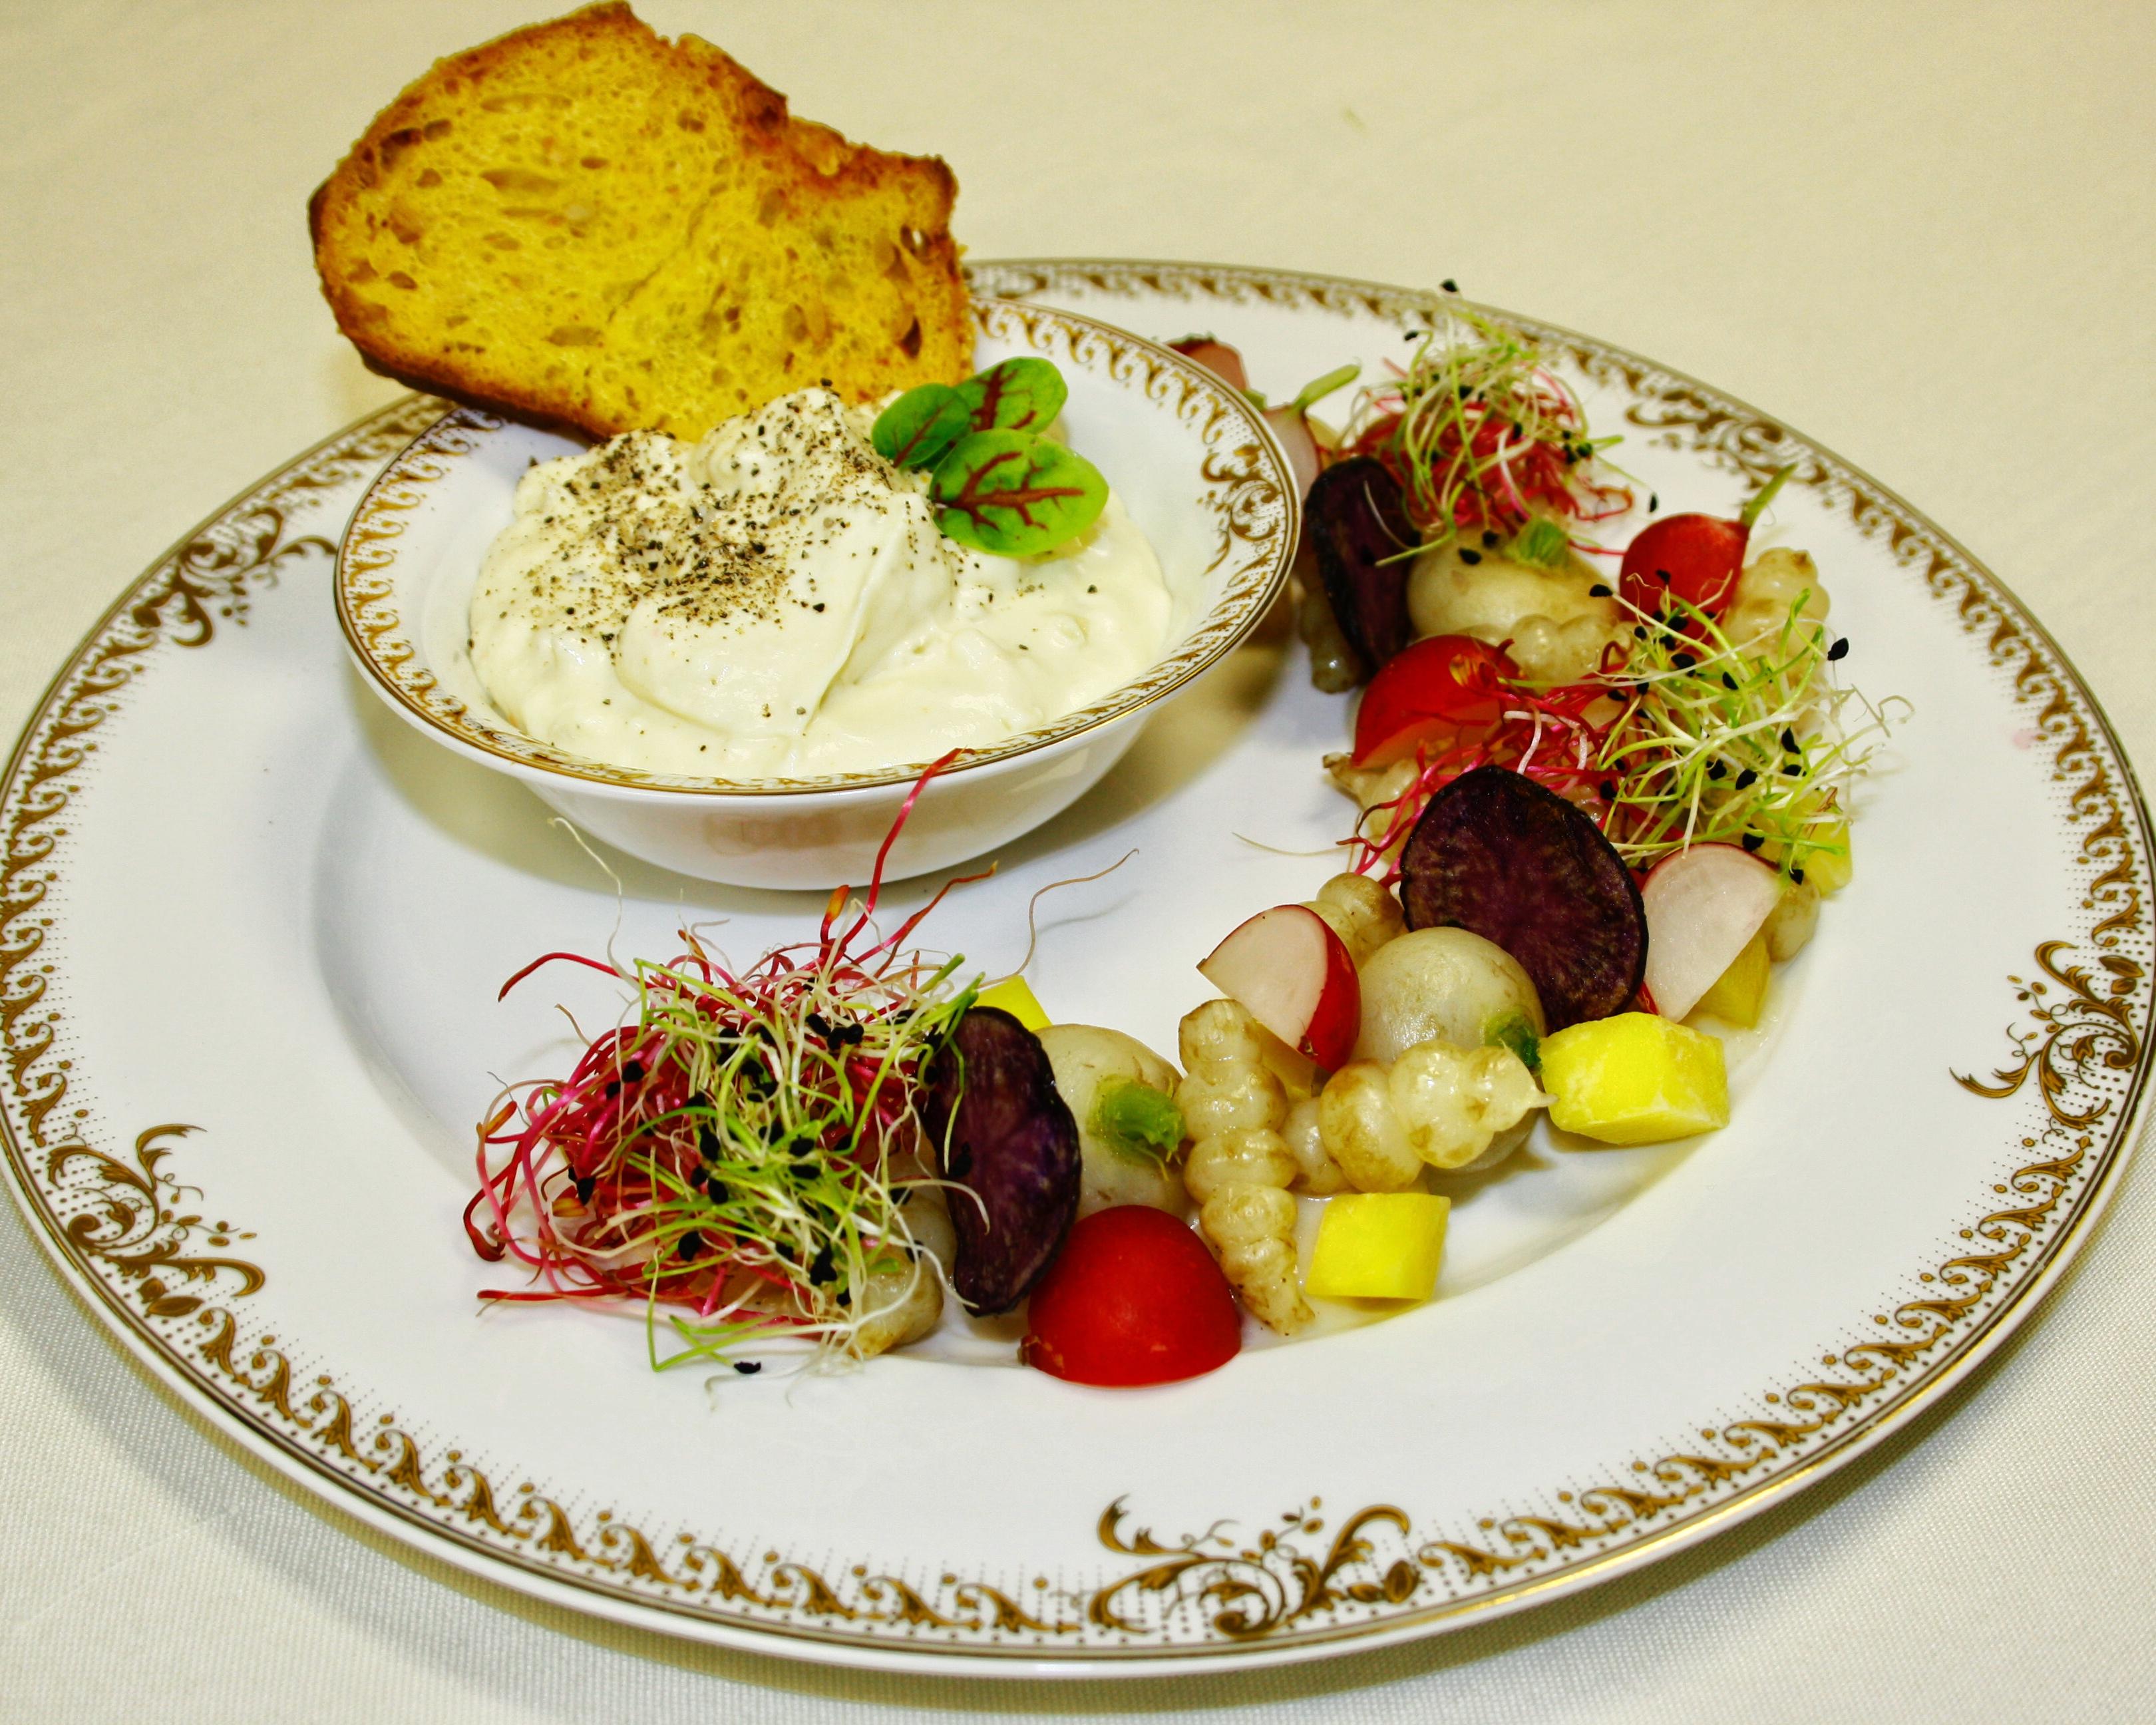 Menus gastronomiques aux recettes d'époque - Blanquette de légumes anciens